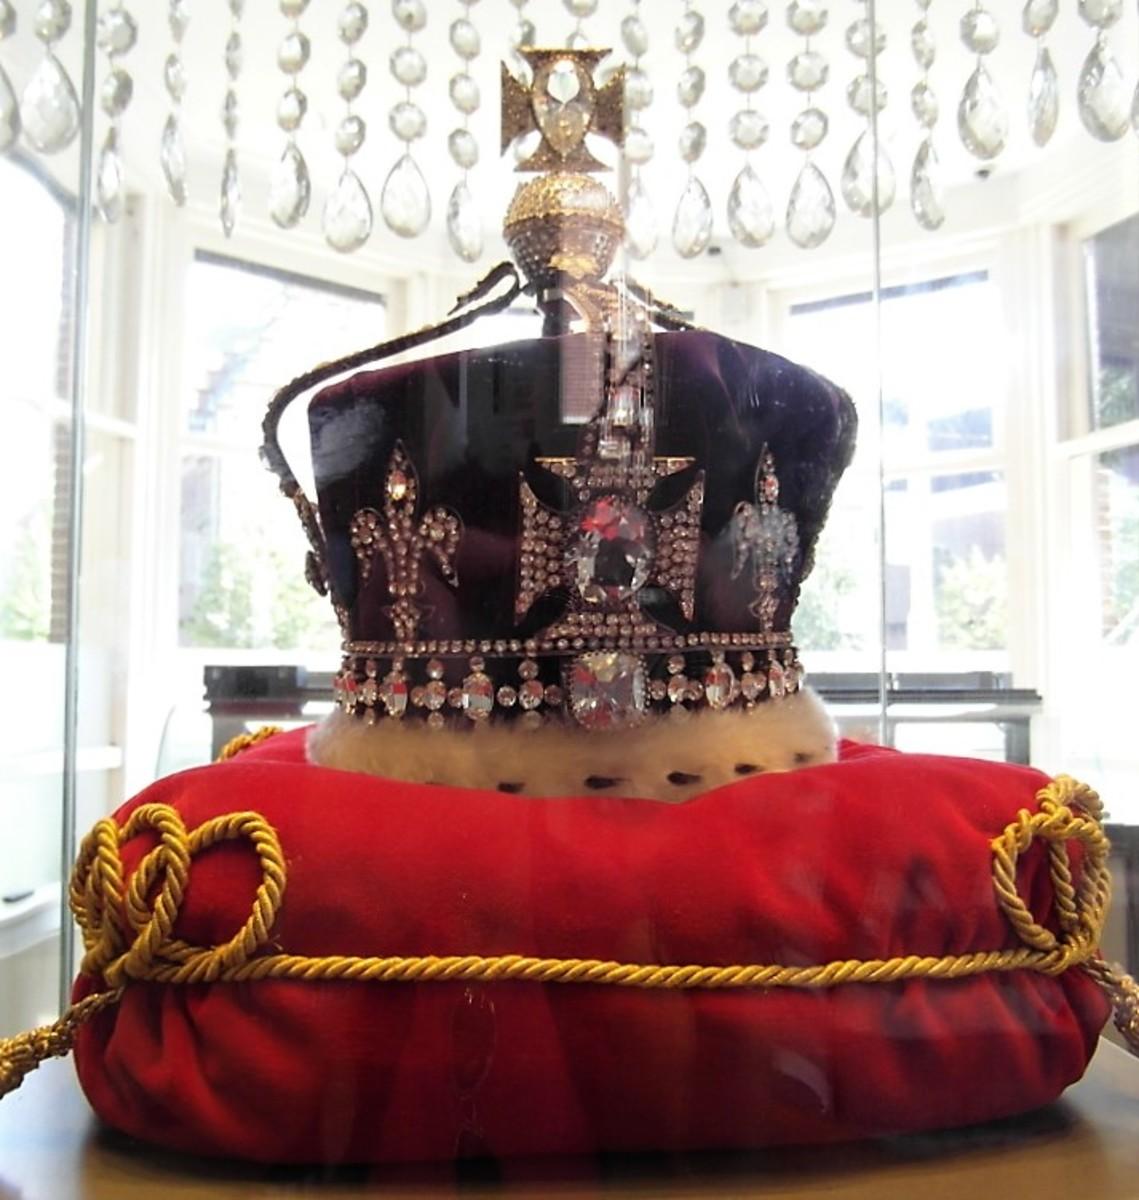 Replica of the British Coronation Crown.